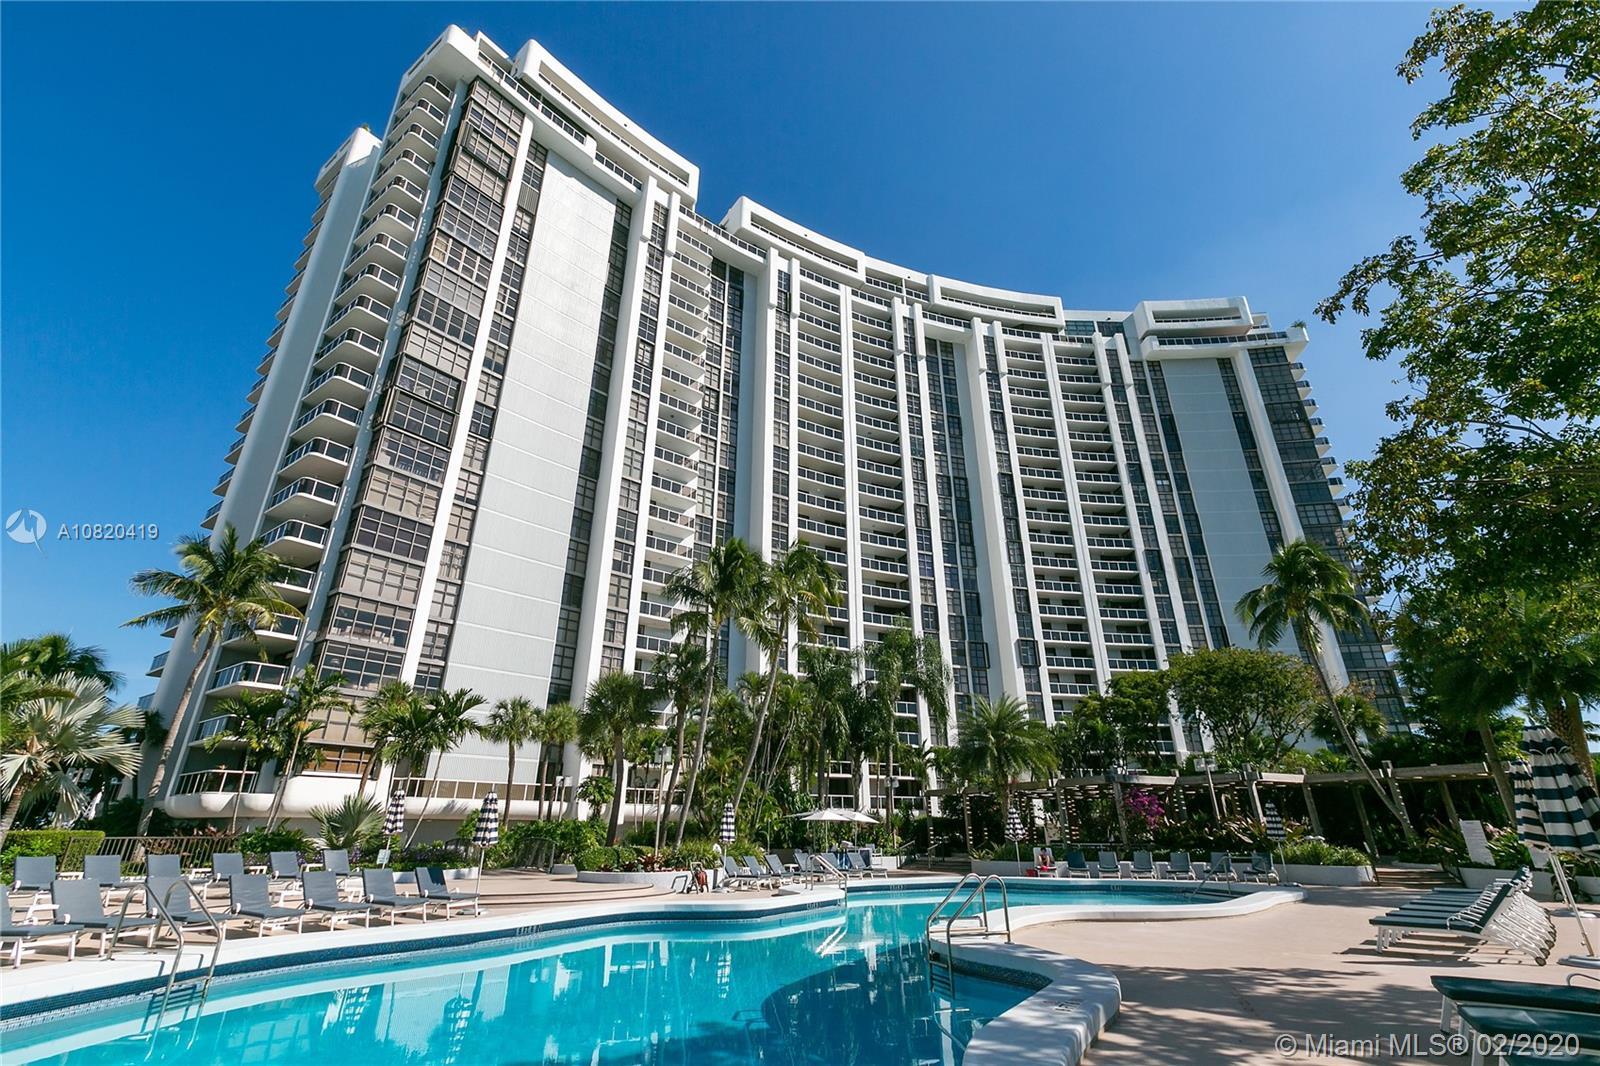 9  ISLAND AV #1014 For Sale A10820419, FL